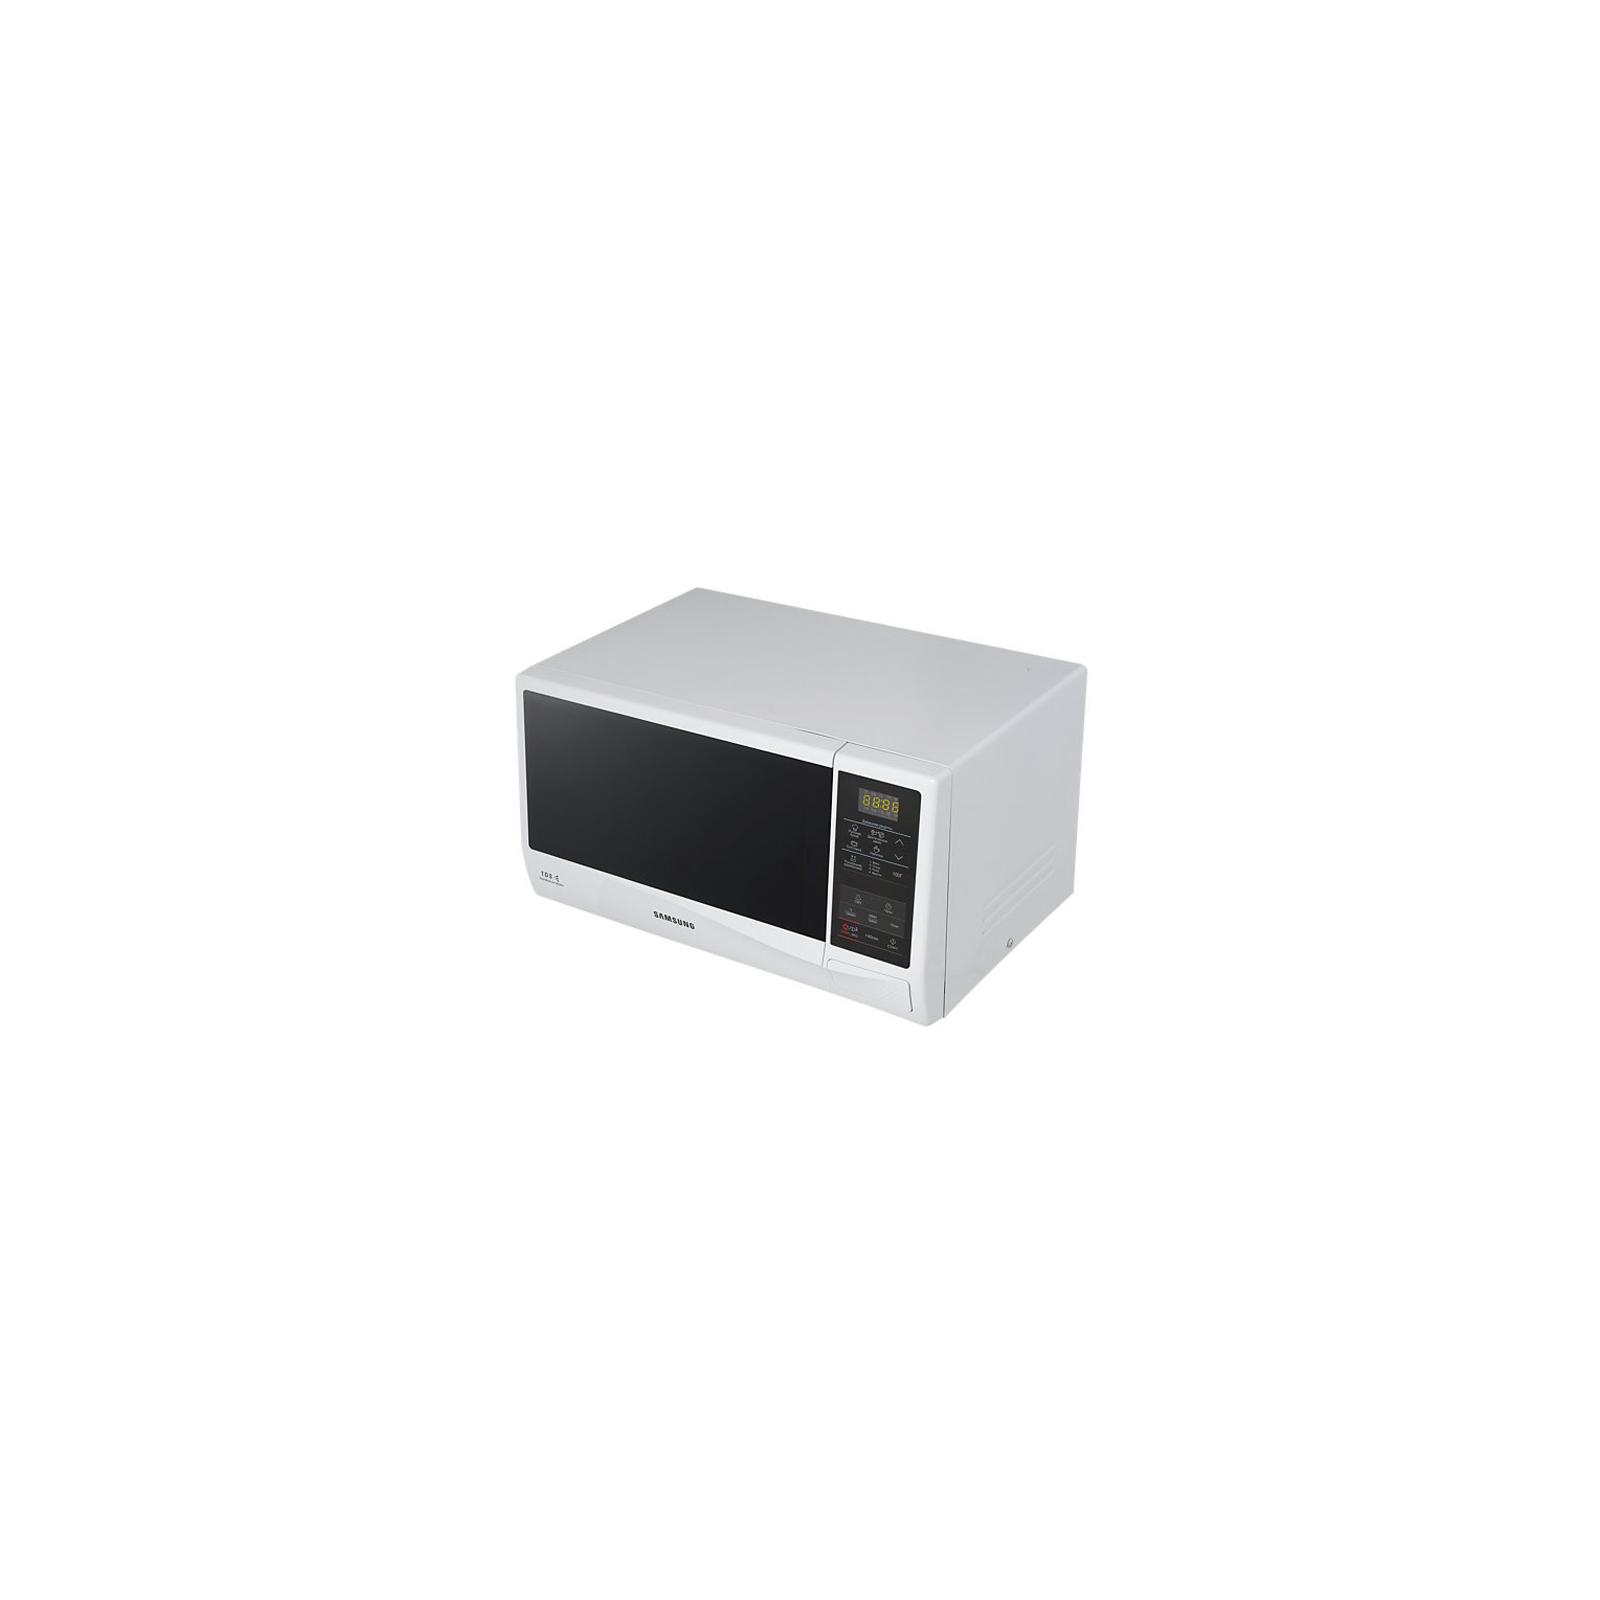 Микроволновая печь Samsung ME 83 KRW-2 (ME83KRW-2) изображение 3